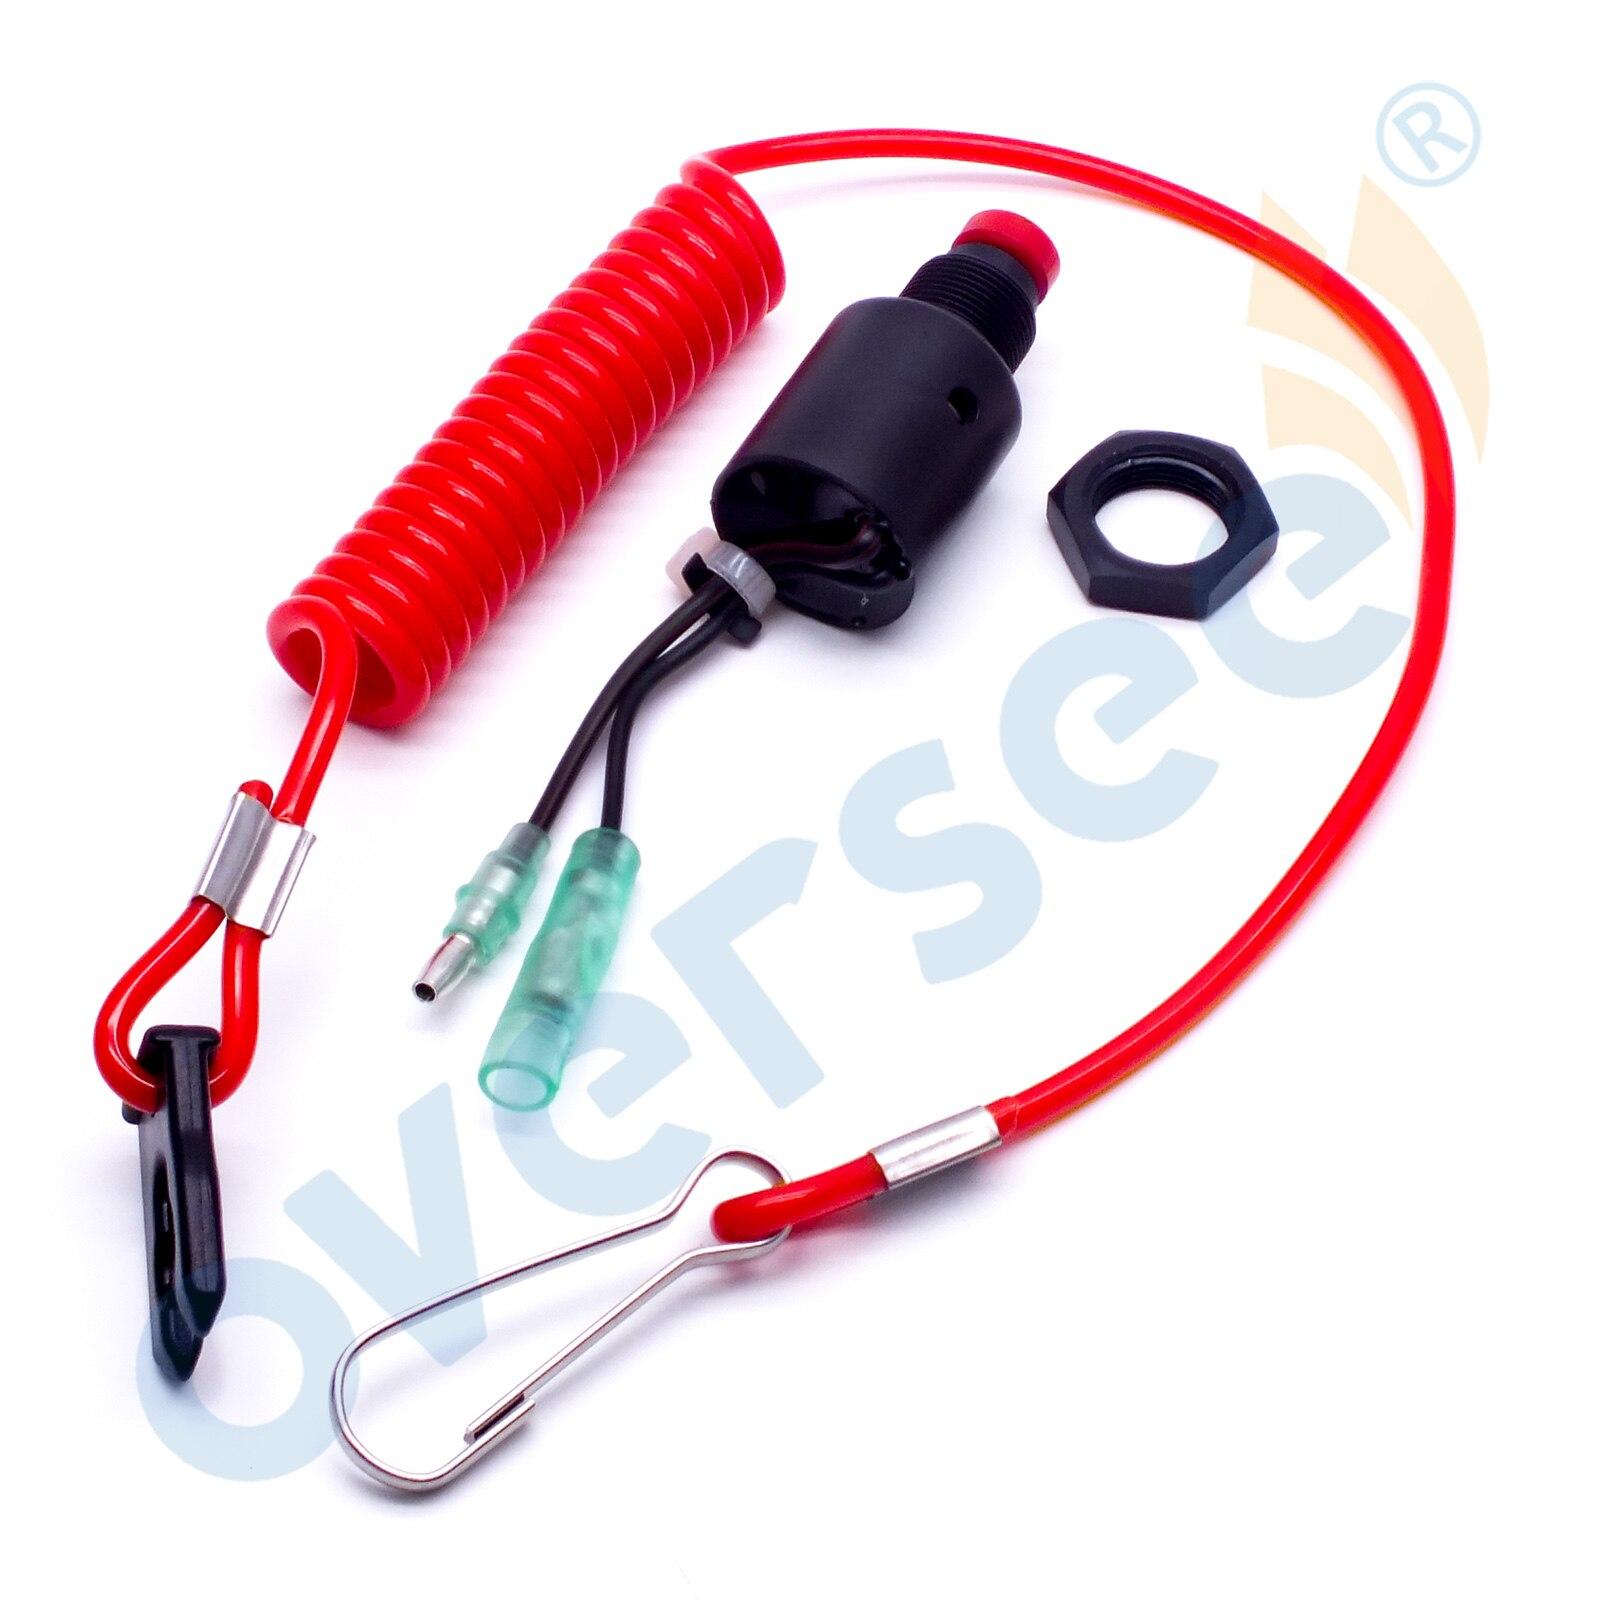 Superviser 36180-ZV5-013 interrupteur d'urgence Assy avec lanière pour Honda moteur hors-bord boîte de commande F40-F150